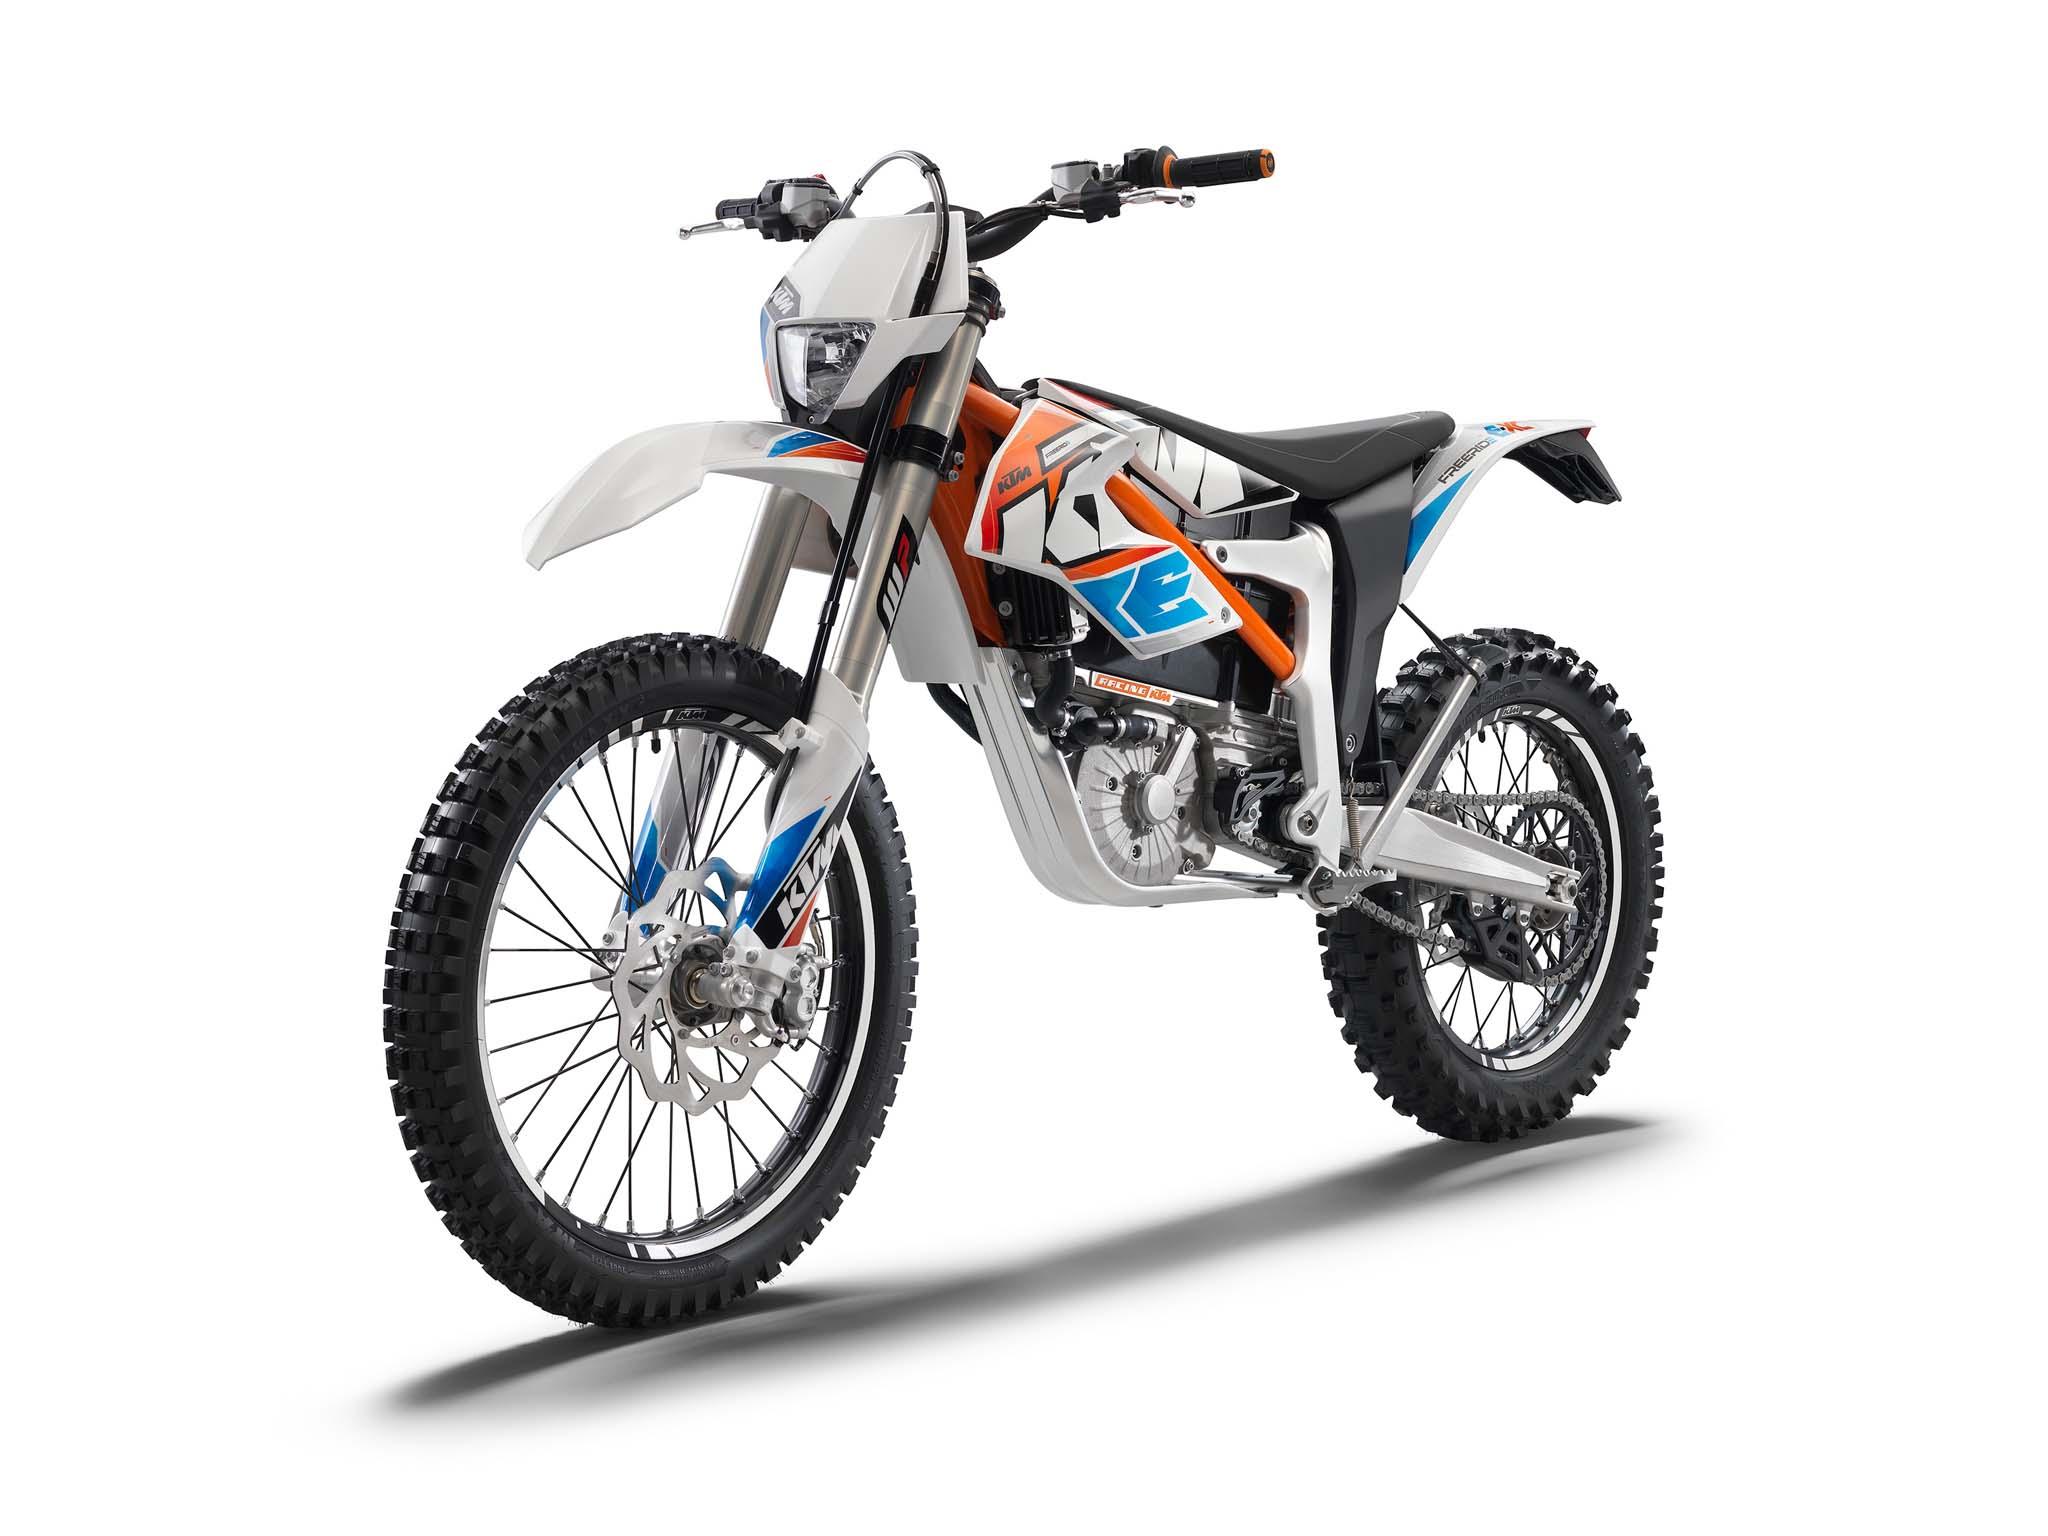 La sportive verte du futur - Page 15 KTM-Freeride-E-electric-dirtbike-E-SX-E-XC-05